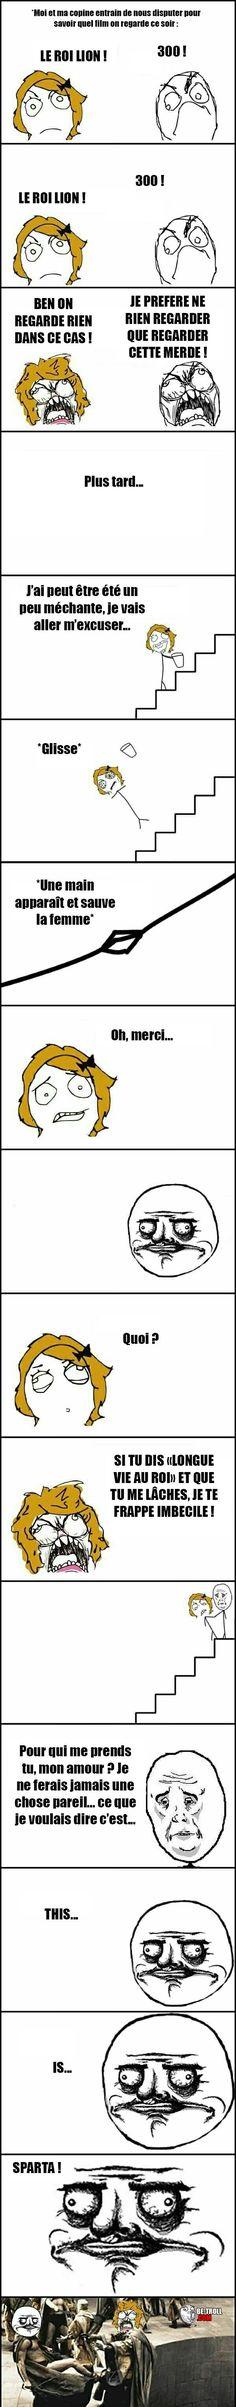 Quand je me dispute avec ma copine... - Be-troll - vidéos humour, actualité insolite